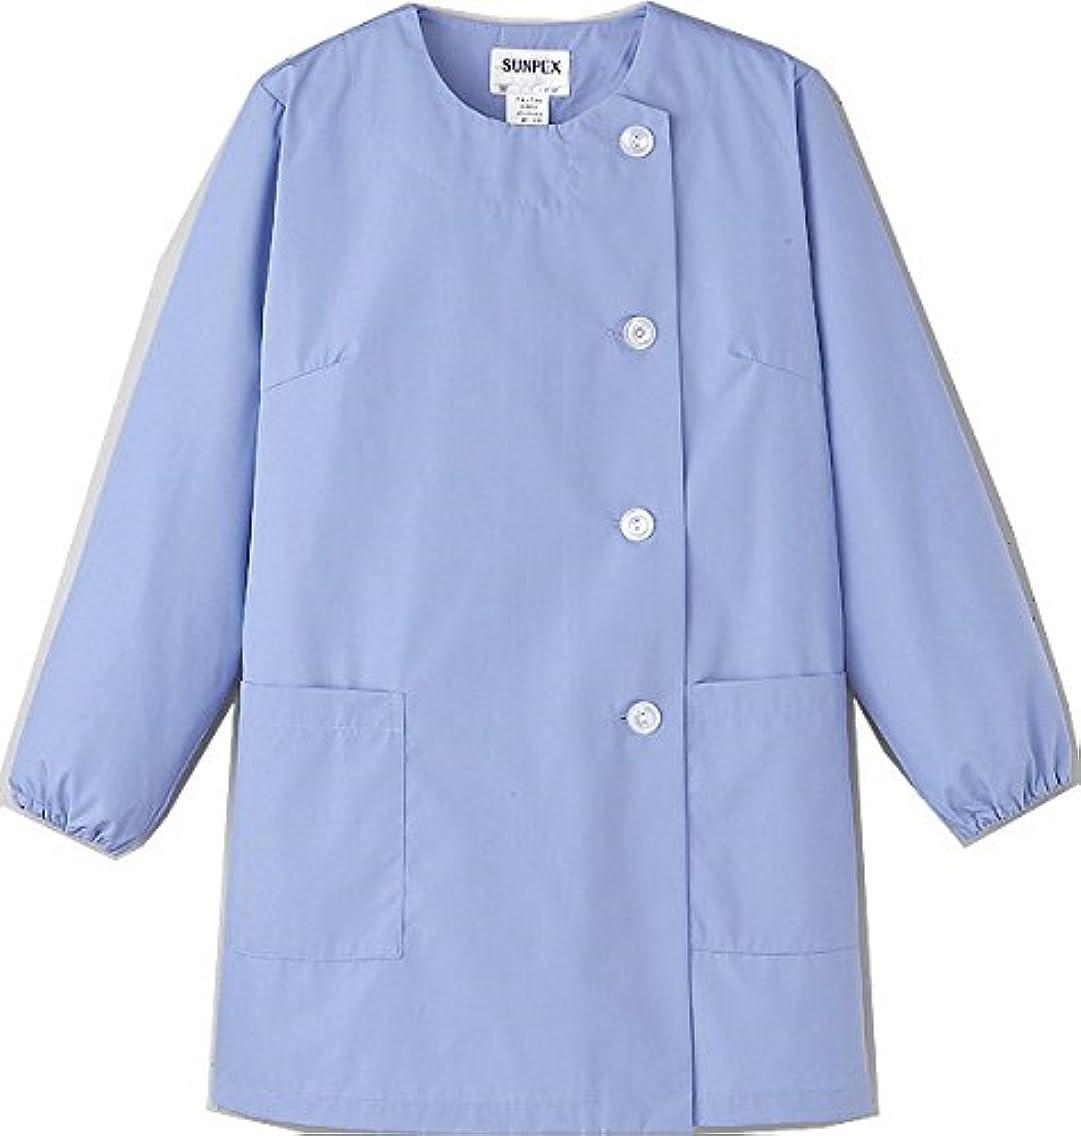 ローンマーティンルーサーキングジュニアギネスサンペックス FA798 T/C女性用横掛白衣 長袖 サックス (厨房 調理)